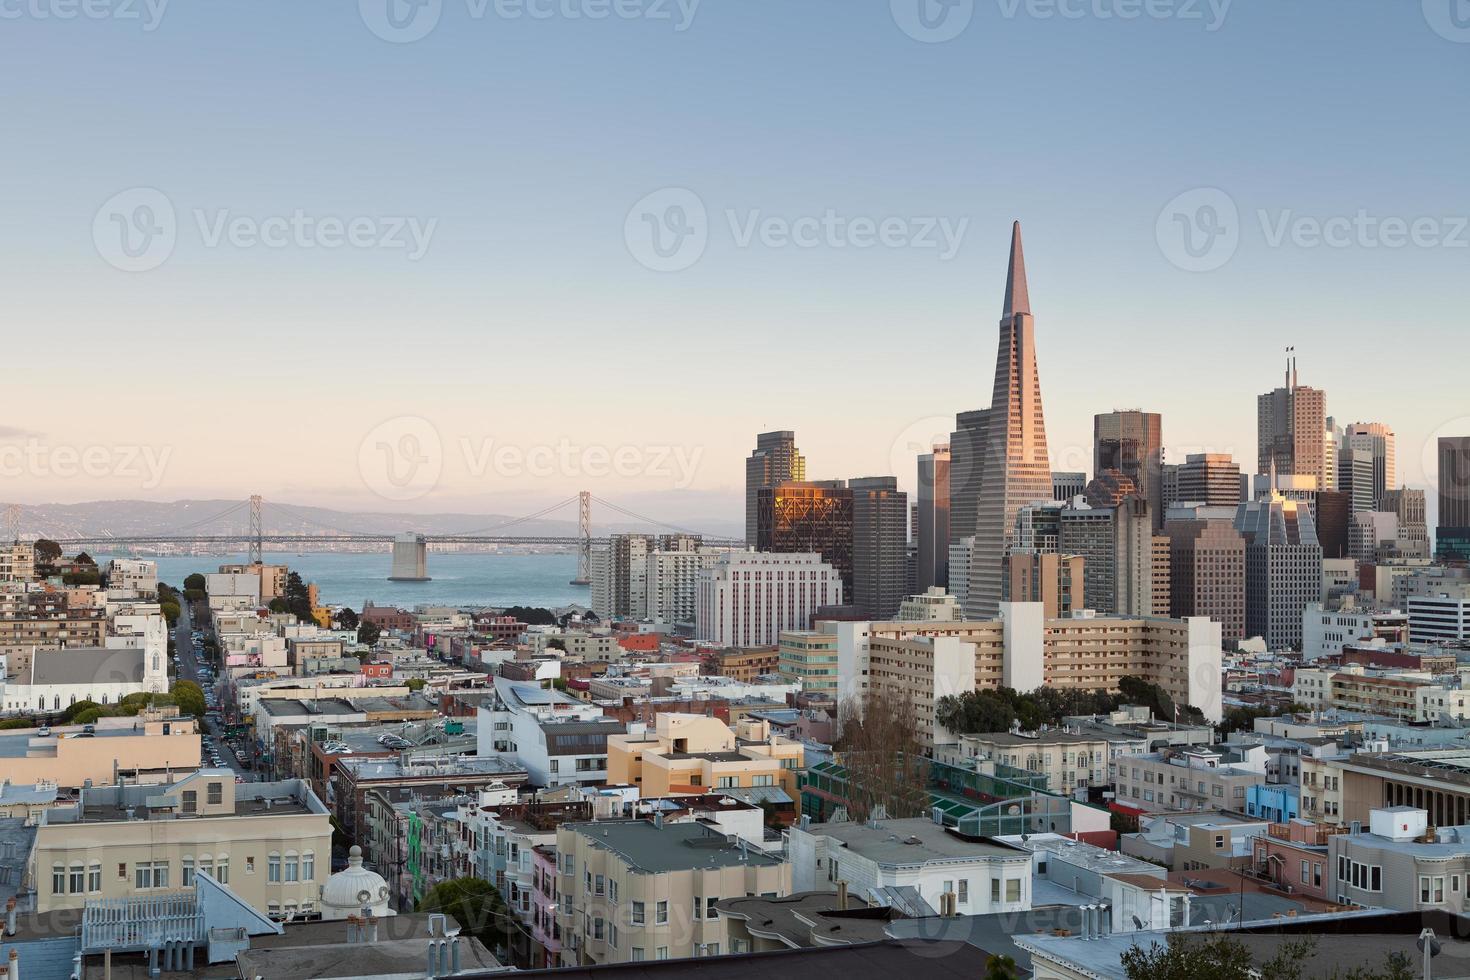 São Francisco foto